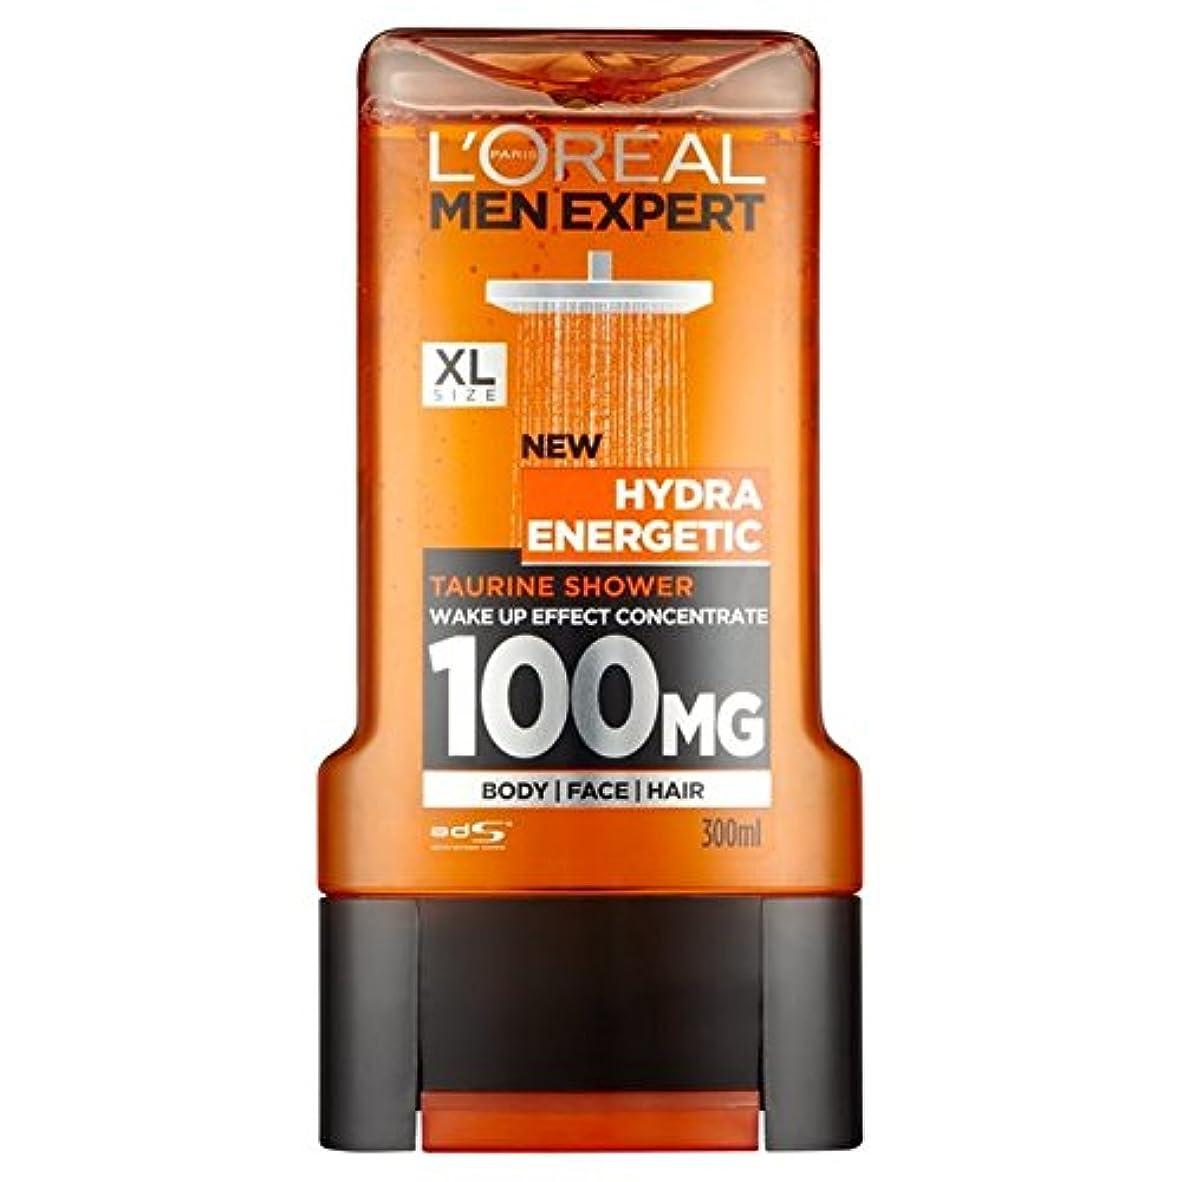 方法遺伝的ドライバロレアルパリのメンズ専門家ヒドラエネルギッシュなシャワージェル300ミリリットル x2 - L'Oreal Paris Men Expert Hydra Energetic Shower Gel 300ml (Pack...